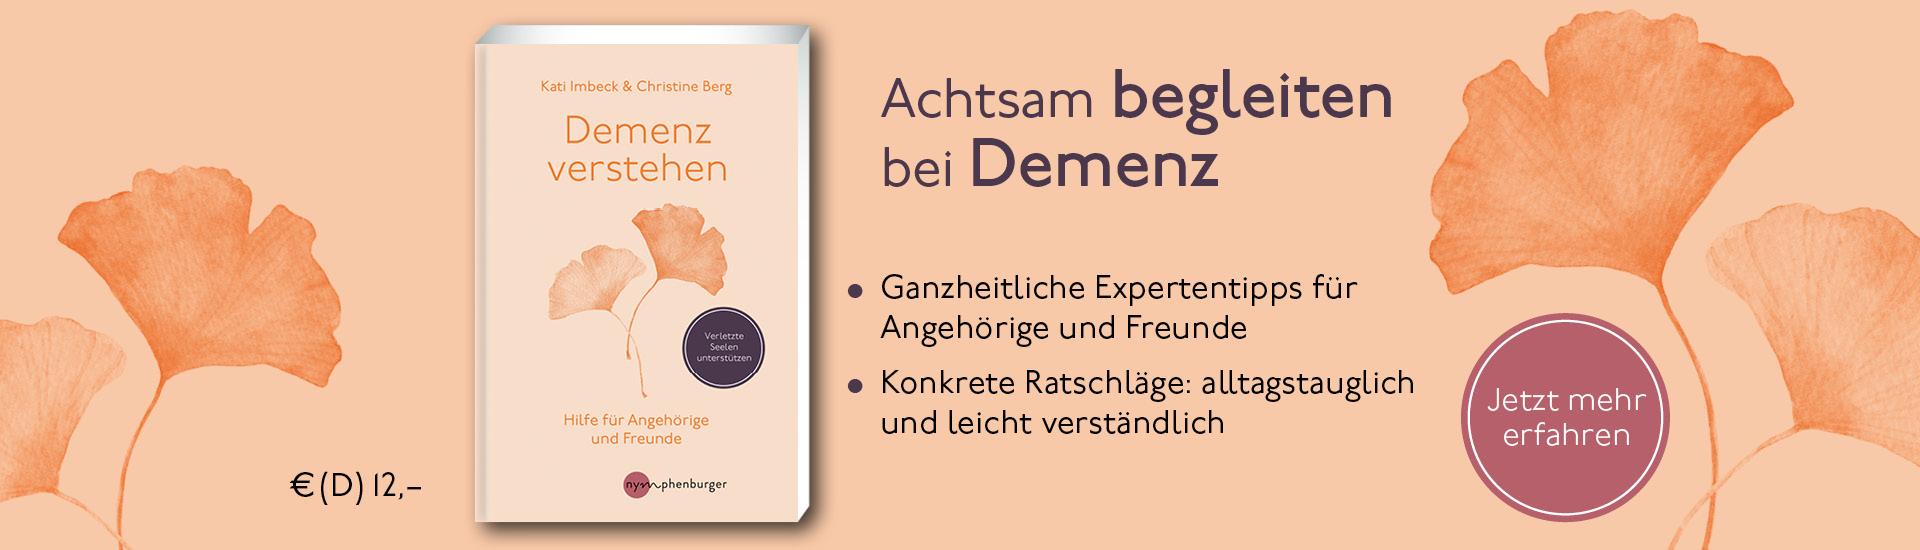 Demenz verstehen – Ganzheitliche Expertentipps für Angehörige und Freunde. Von Kati Imbeck und Christine Berg. EAN: 9783968600093